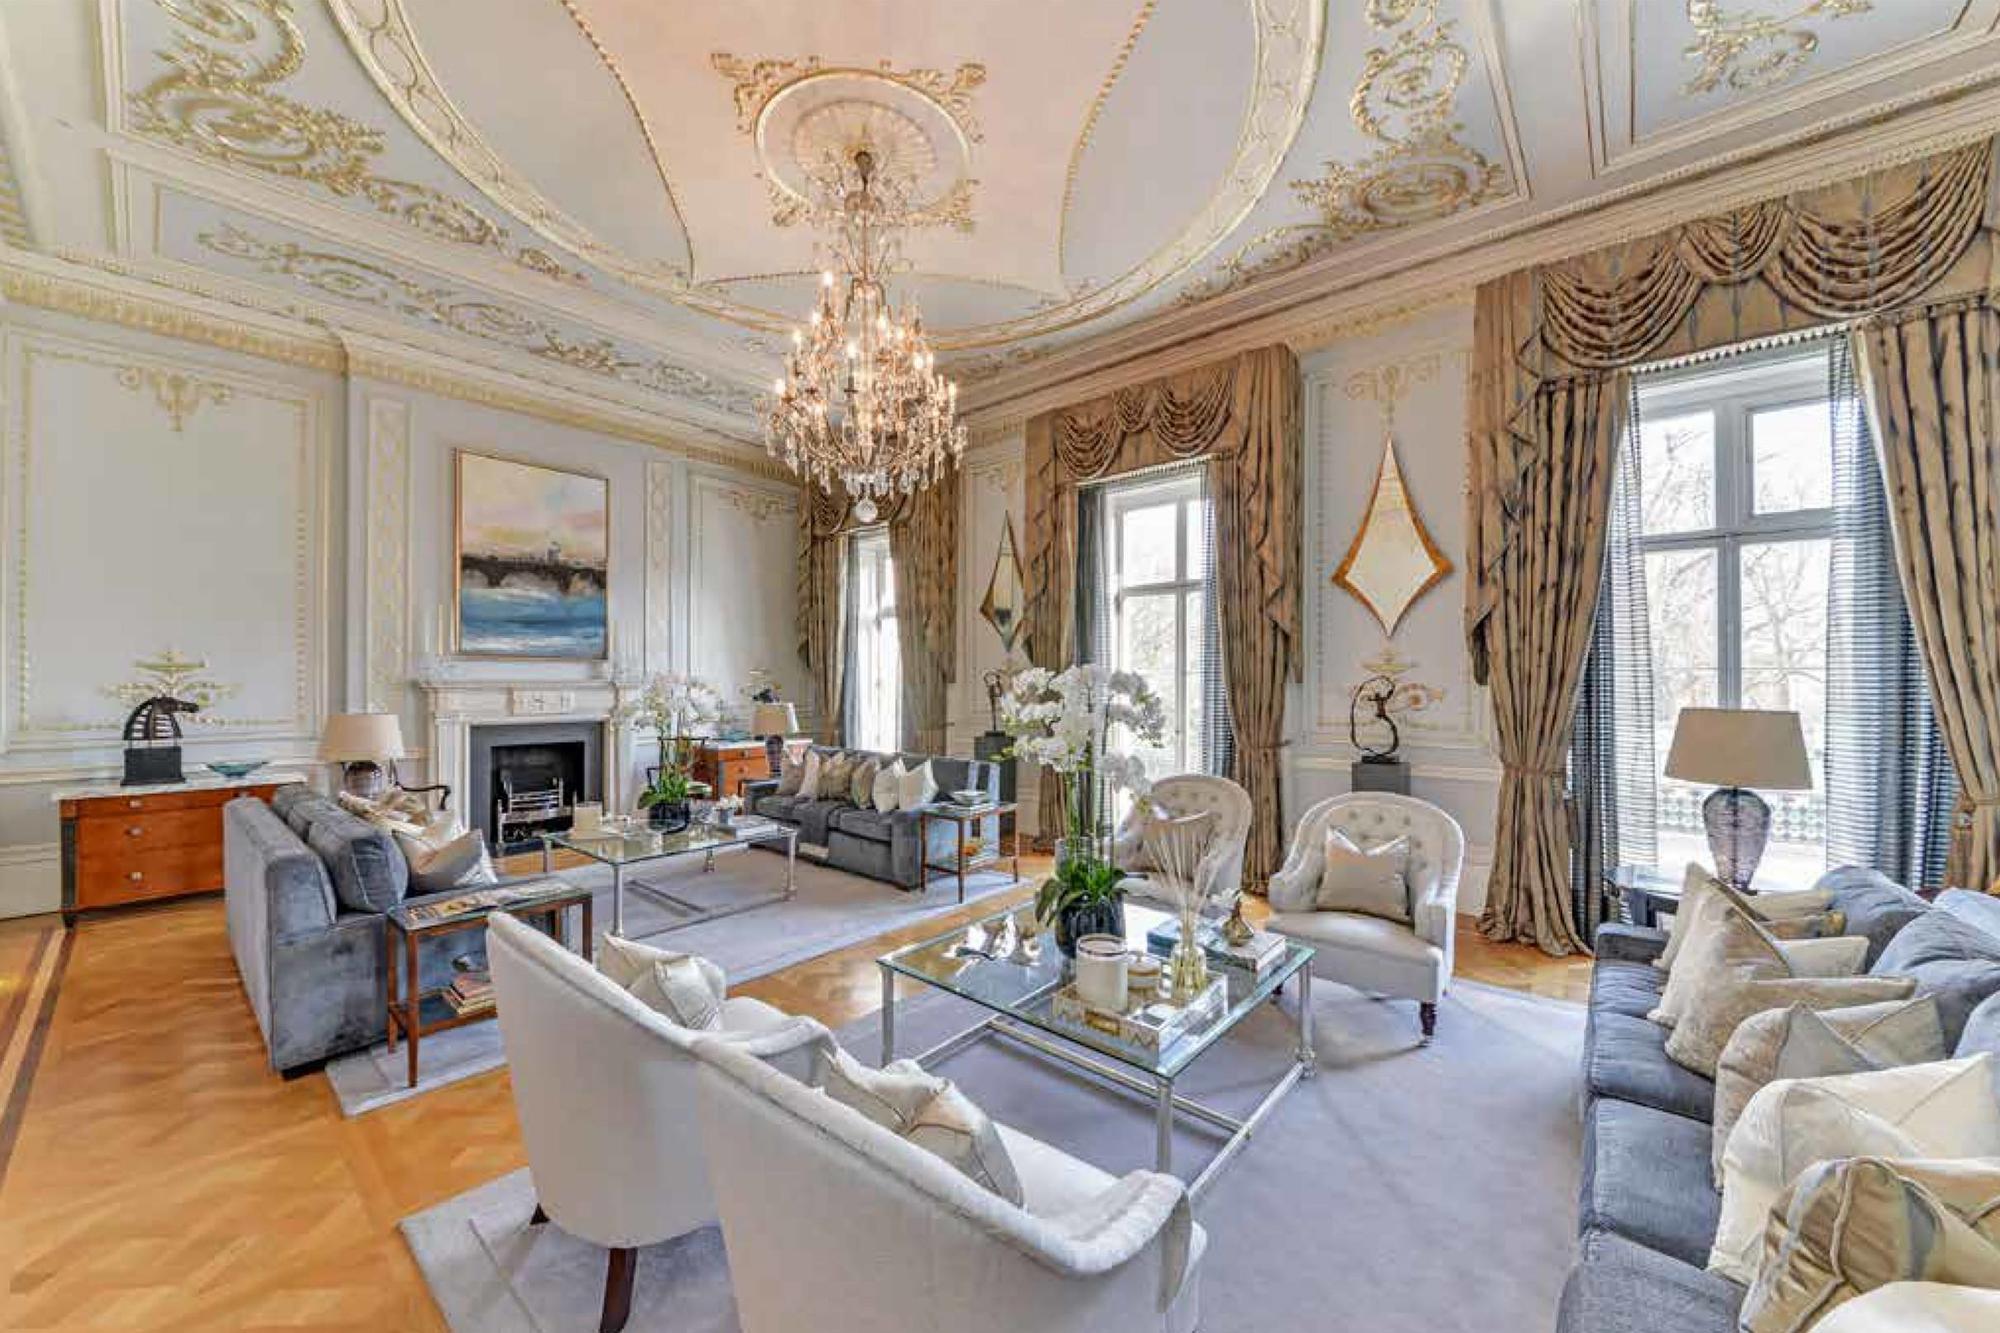 Chiêm ngưỡng căn biệt thự cổ ở Anh có giá hơn 1.700 tỷ đồng - Ảnh 3.